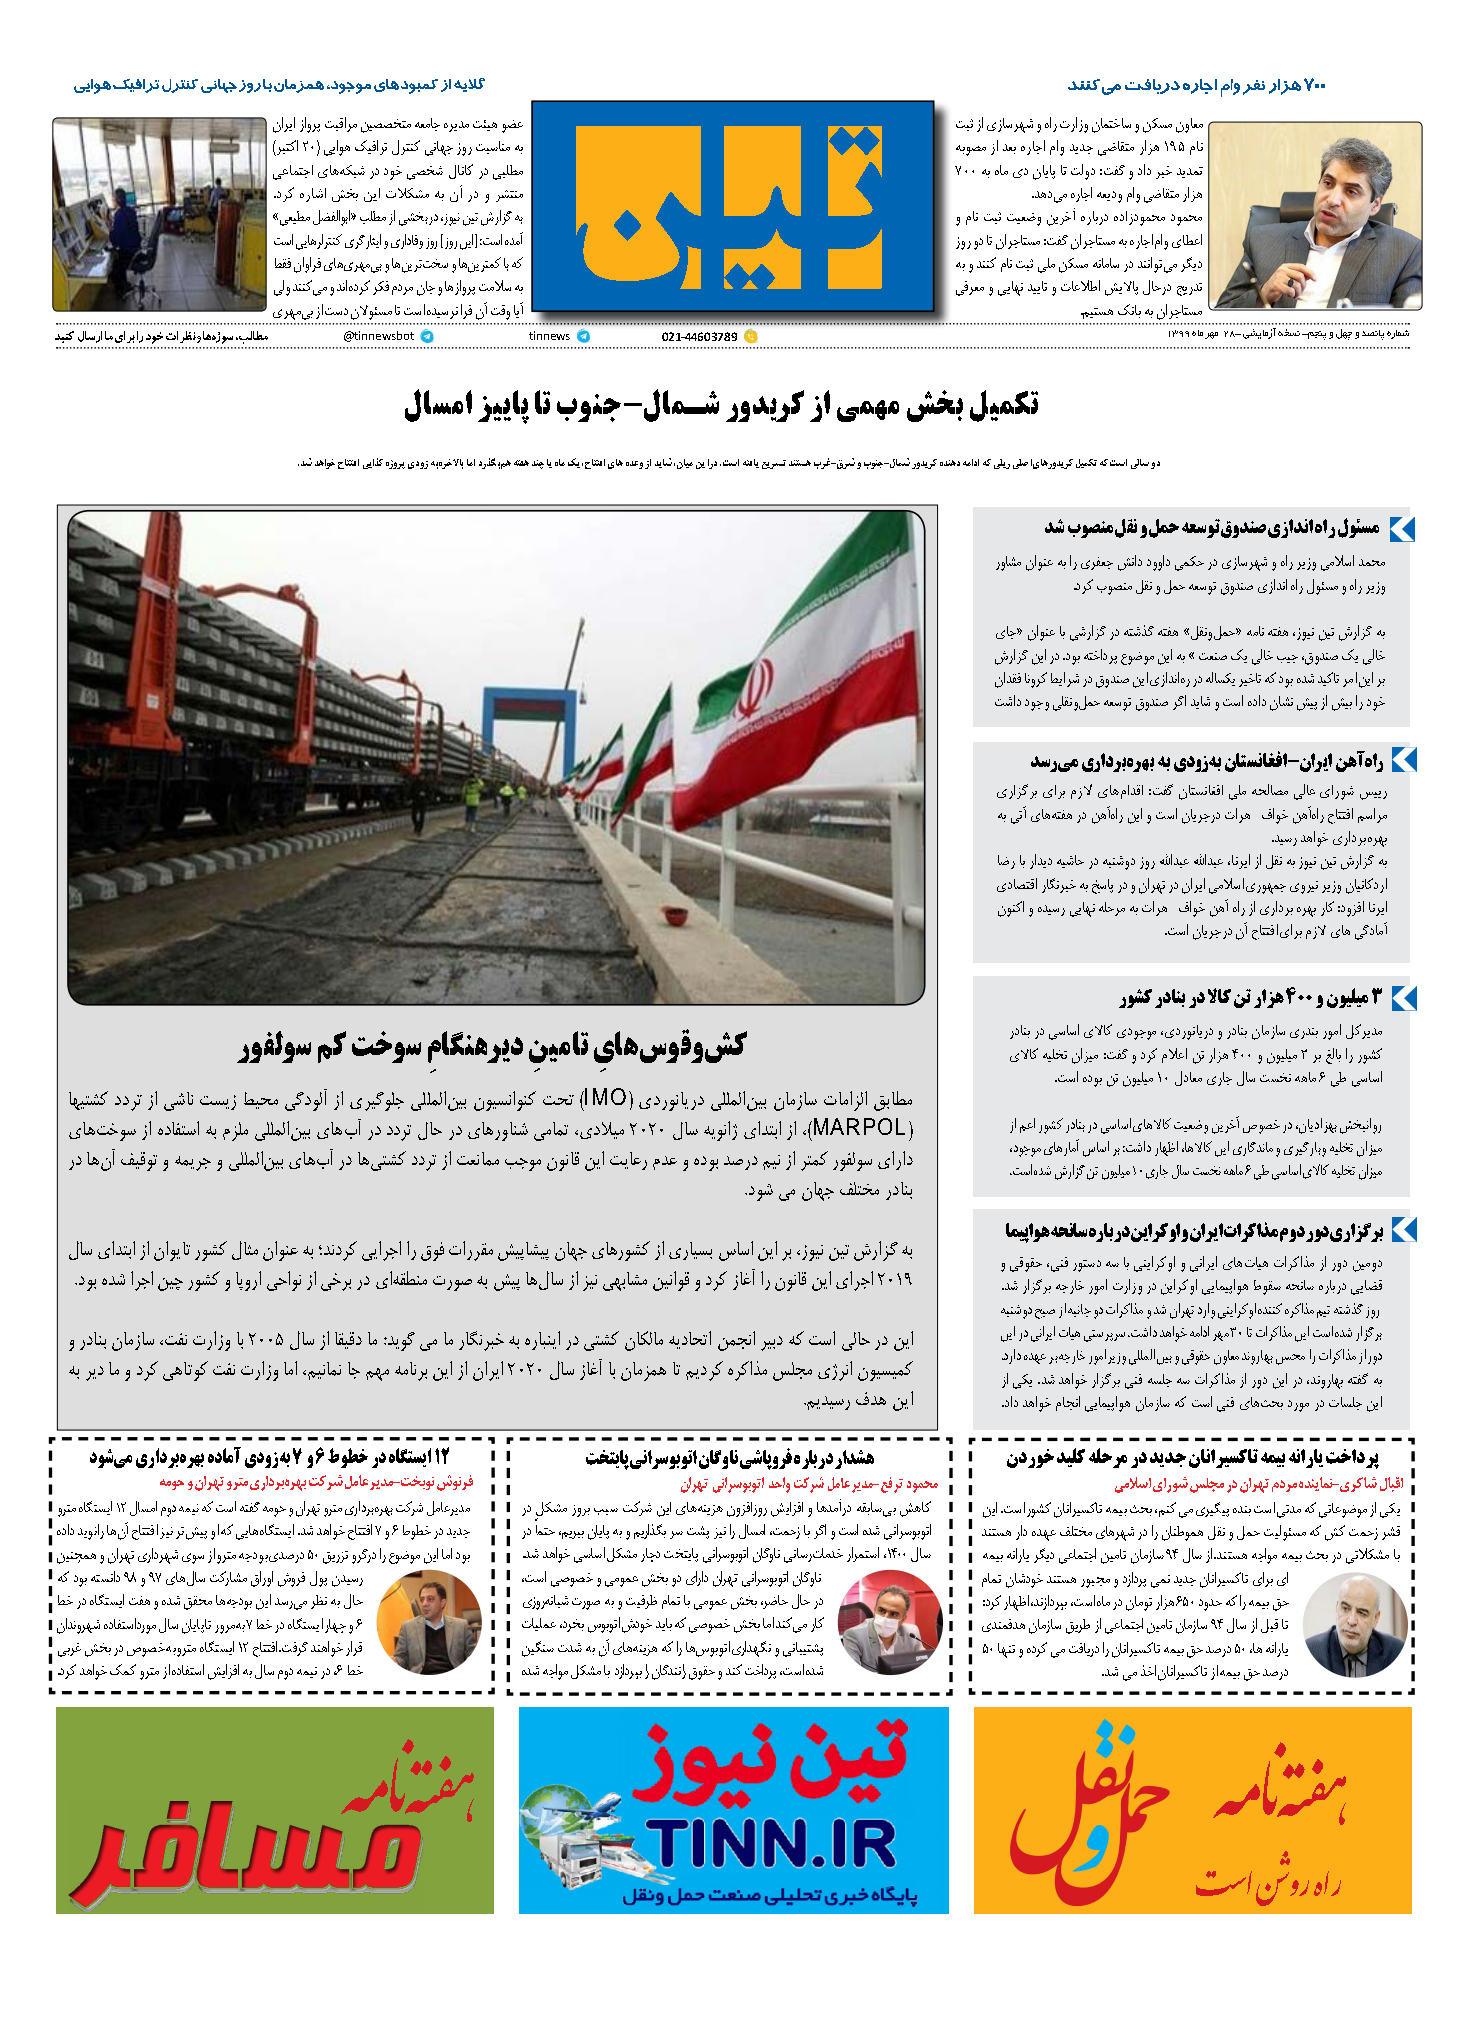 روزنامه الکترونیک 28 مهر ماه 99